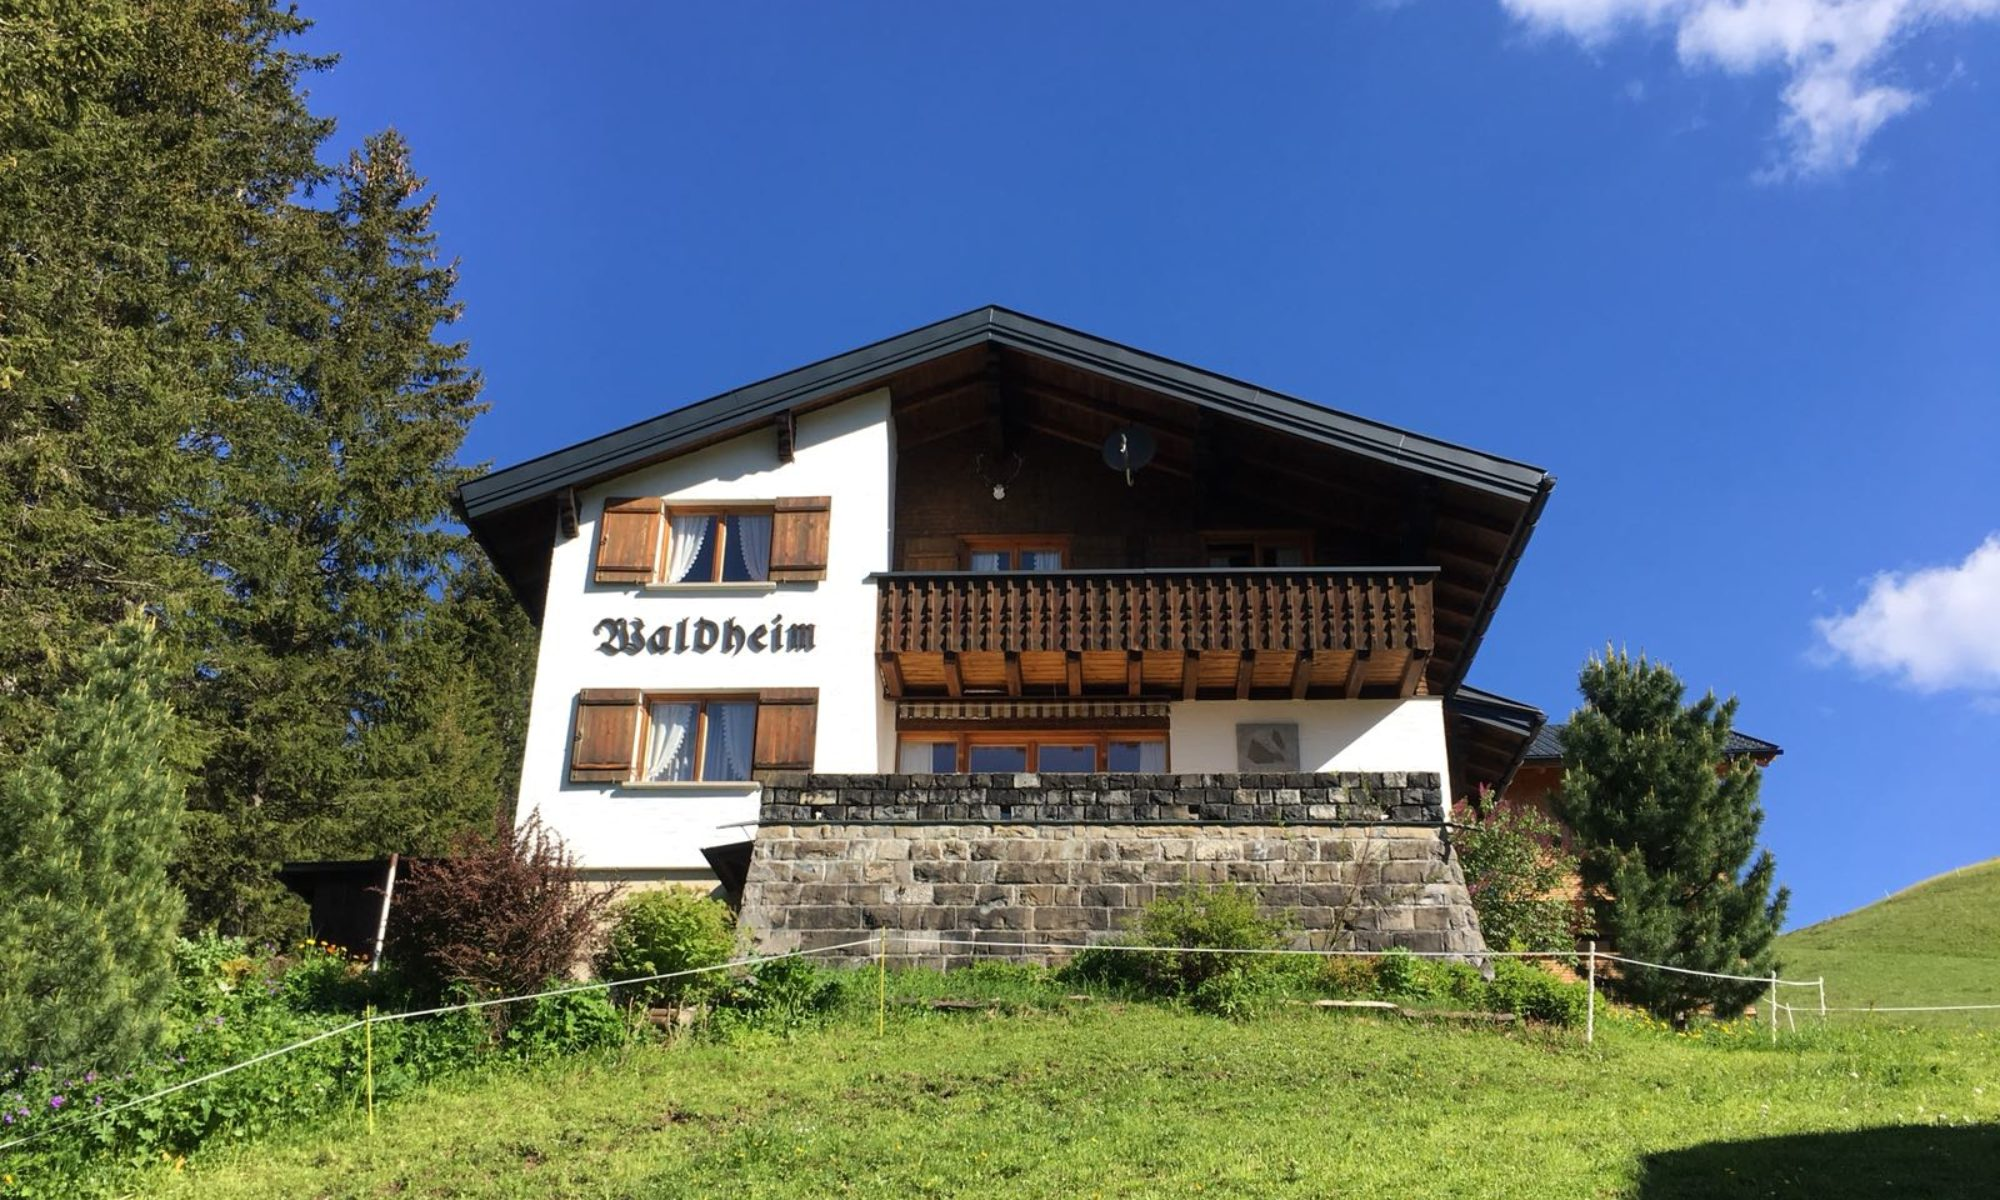 Ferienhaus Waldheim | Damüls